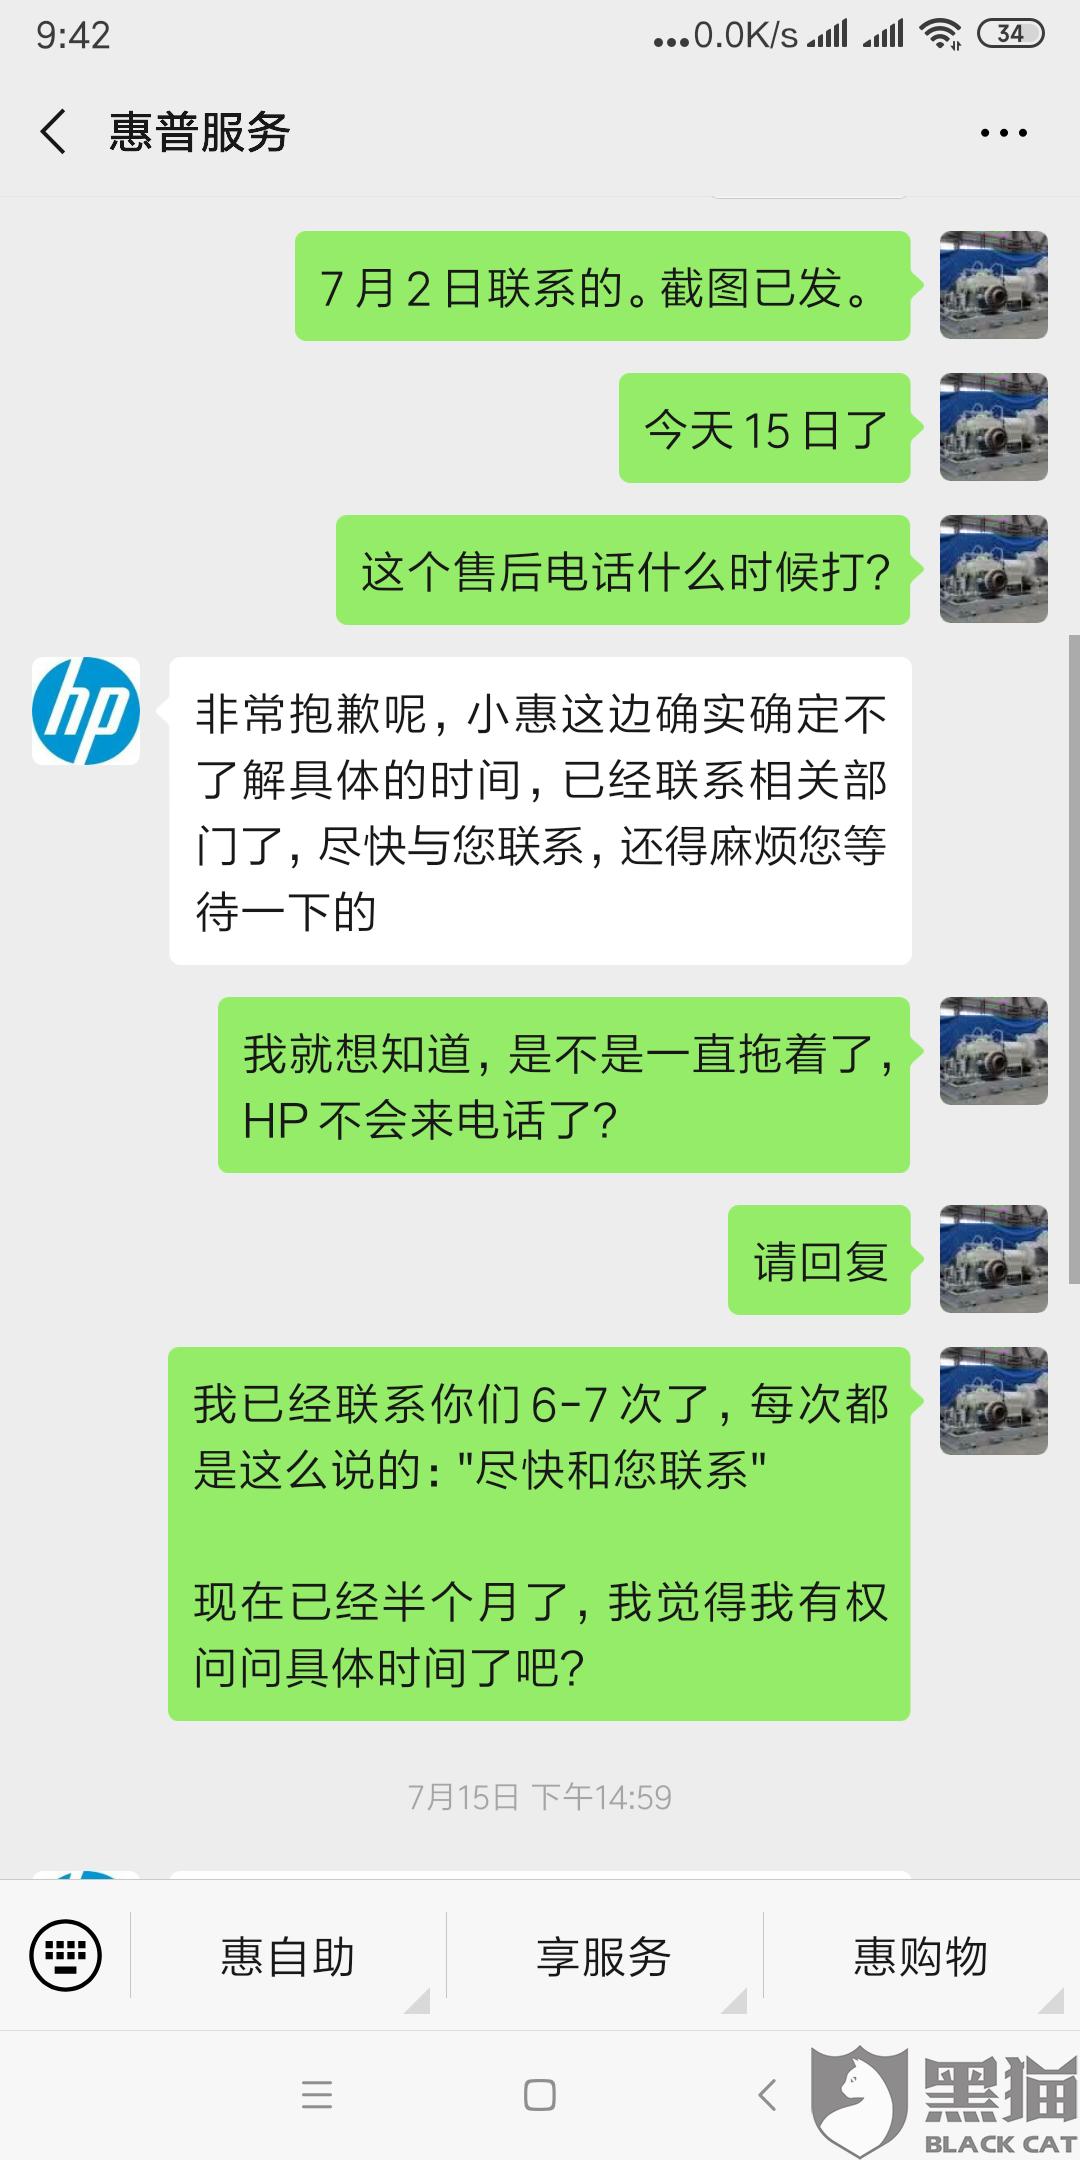 黑猫投诉:惠普BIOS缺陷造成电池鼓包,联系客服25天,没有任何来电。